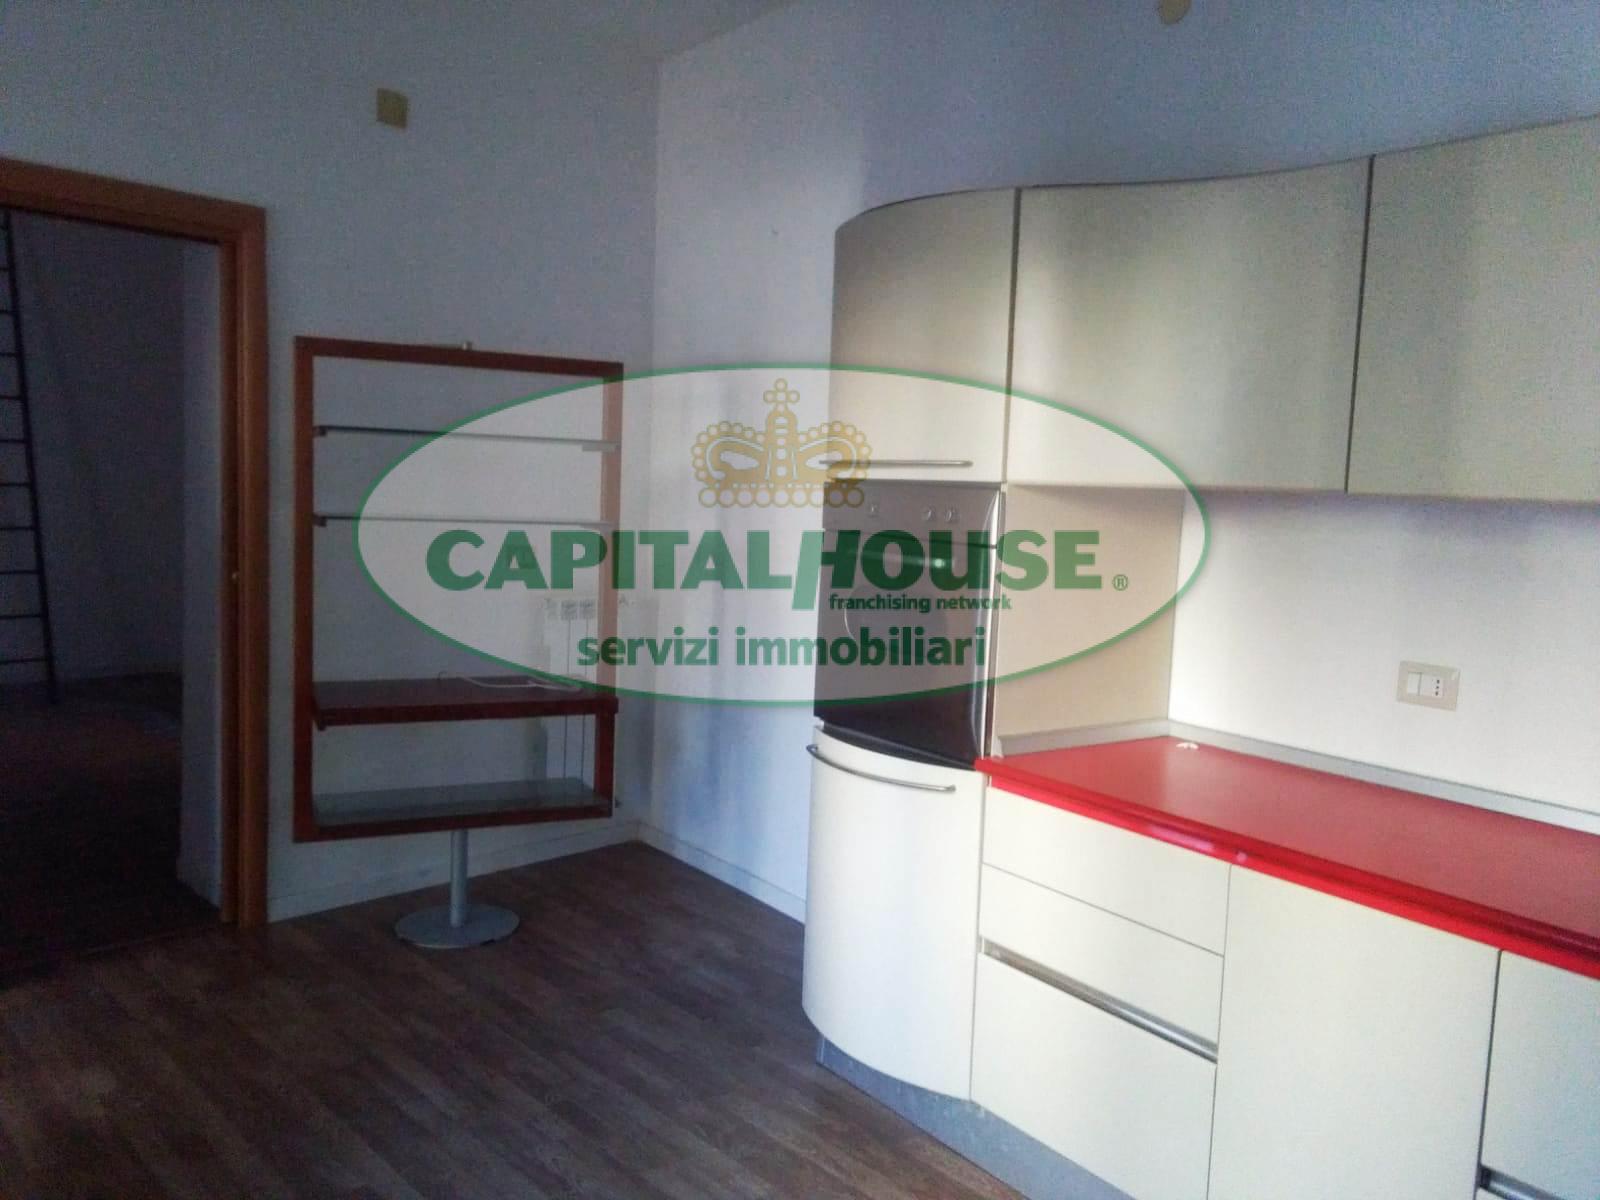 550 vdr appartamento in affitto a caserta centro for Affitto caserta arredato